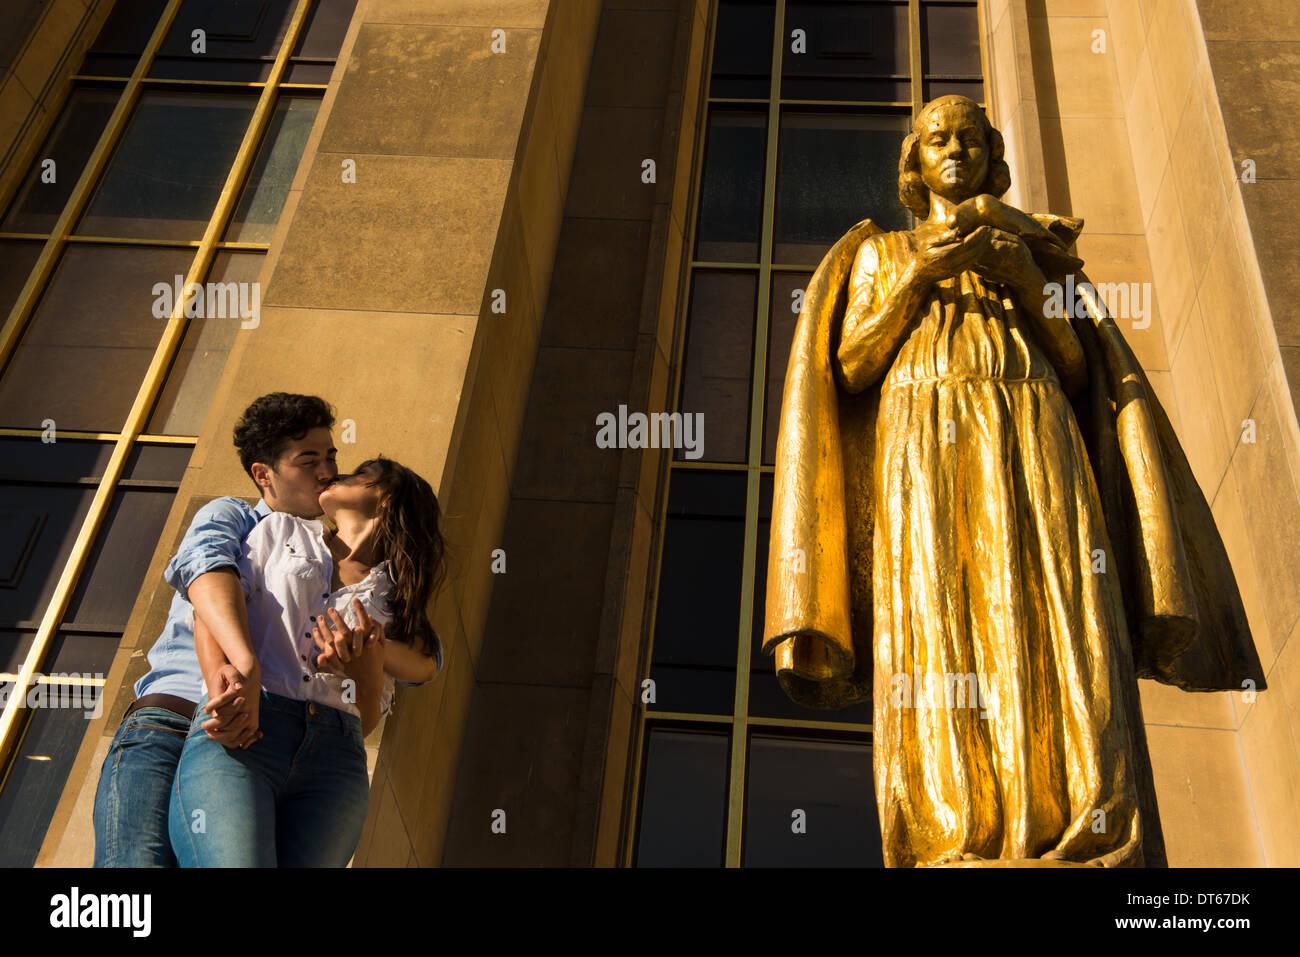 Jeune couple partageant un baiser à côté de la statue, Paris, France Photo Stock